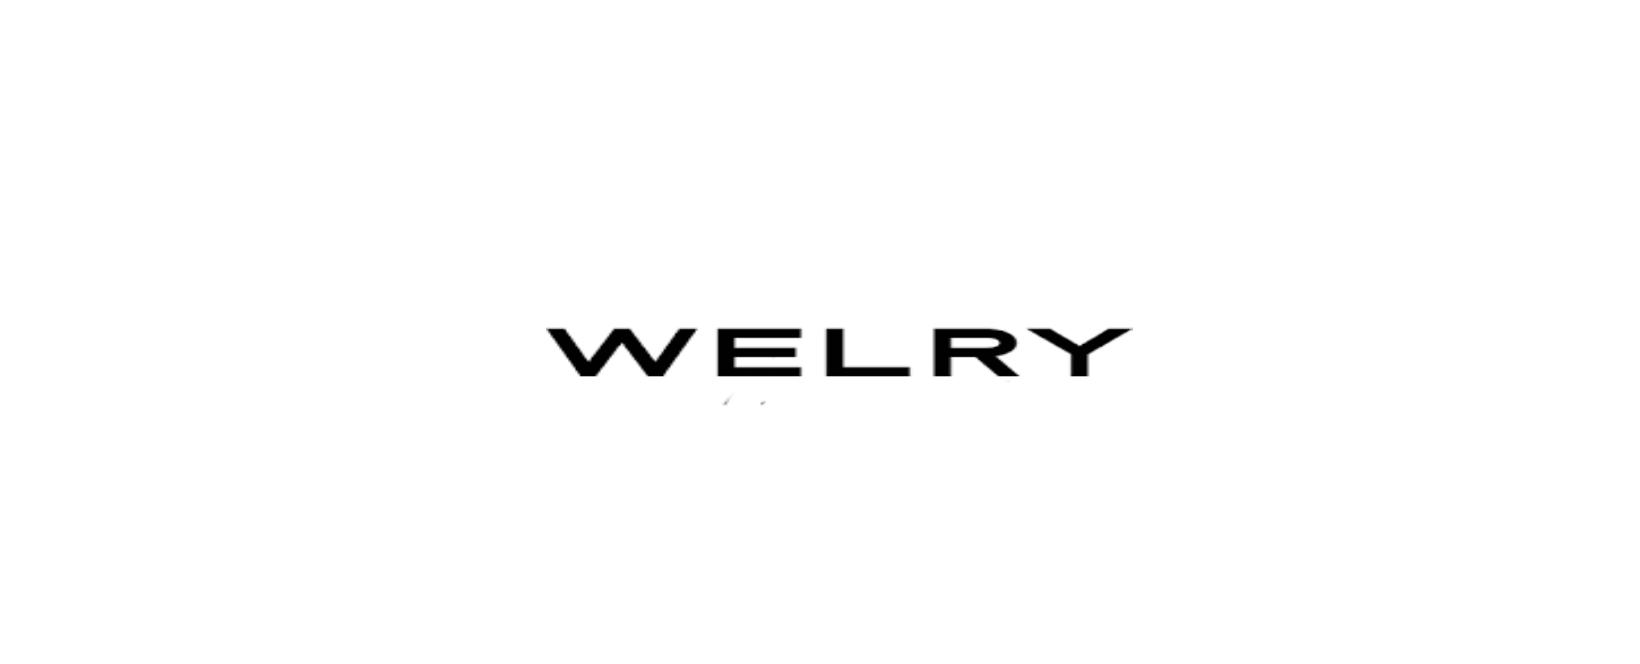 Welry Discount Code 2021